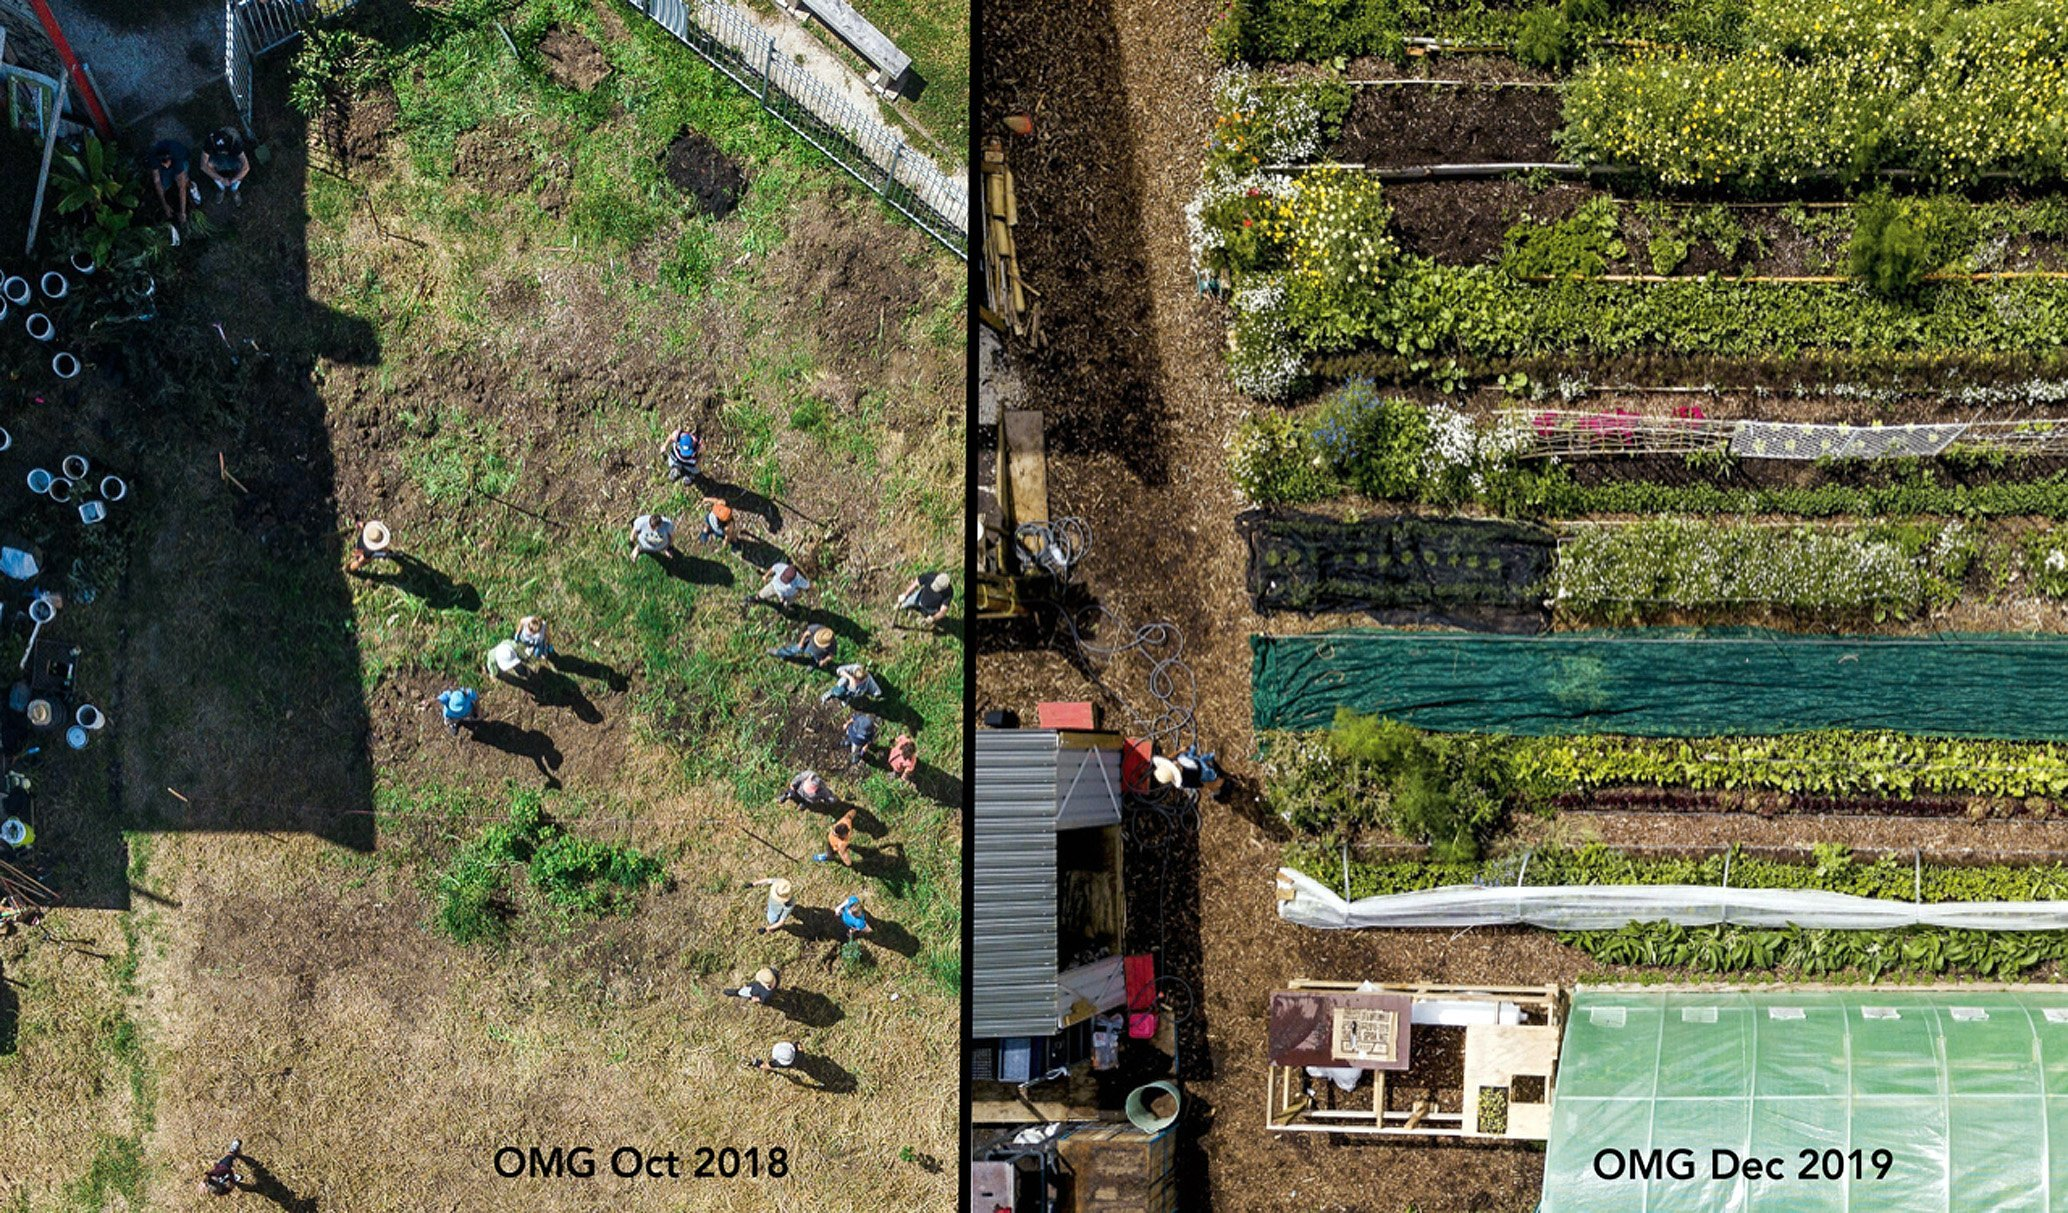 Organic market garden in Symonds St, Auckland. PHOTO: SUPPLIED